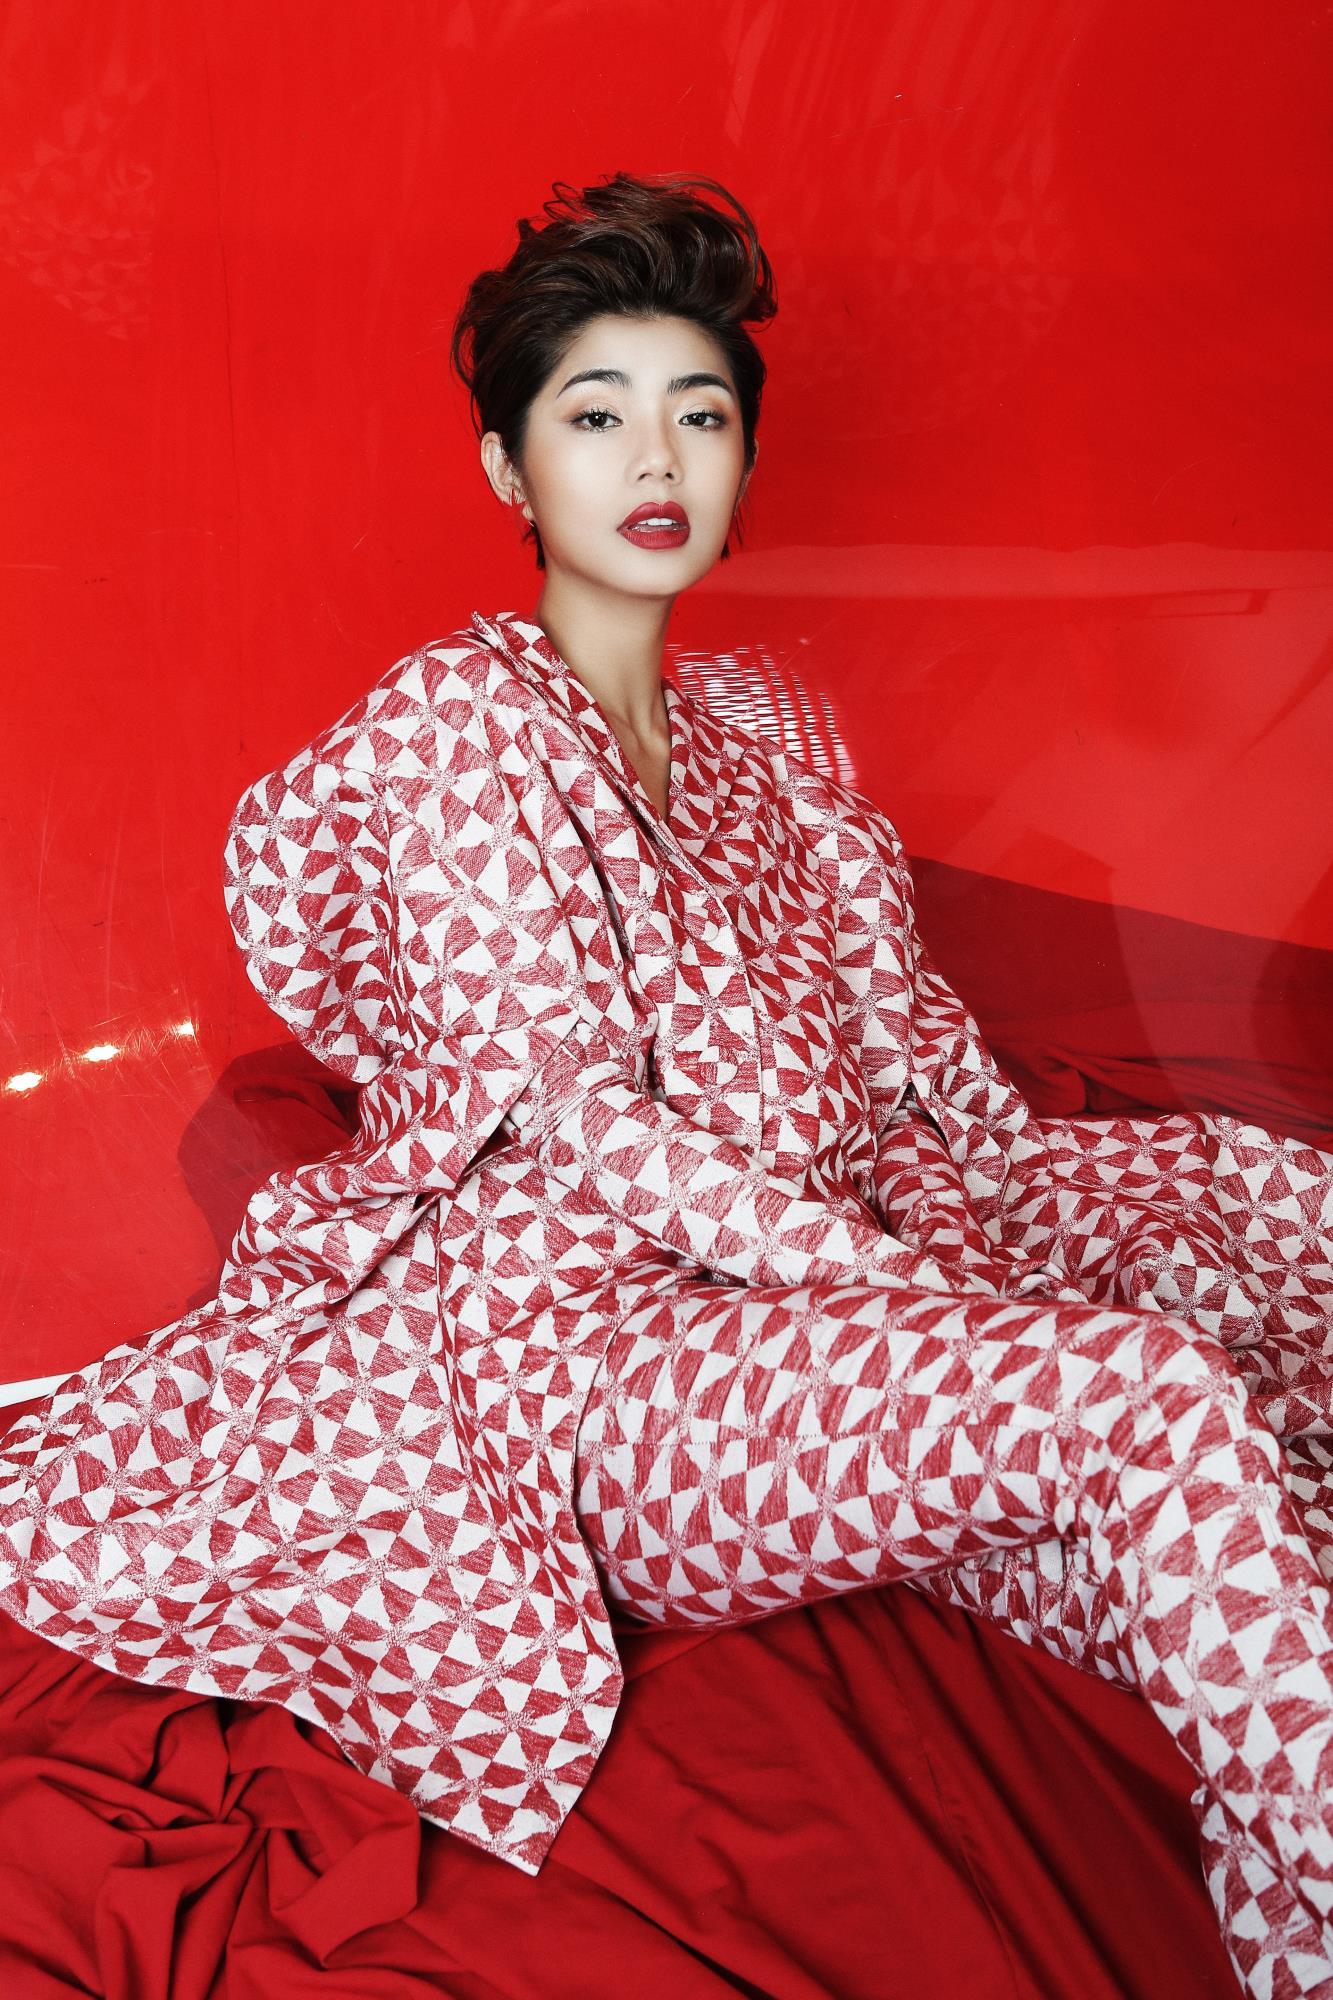 'Bạn gái cũ' của Karik – Đàm Phương Linh khoe vòng 1 'lấp ló' gợi cảm trong những thiết kế high fashion - Ảnh 8